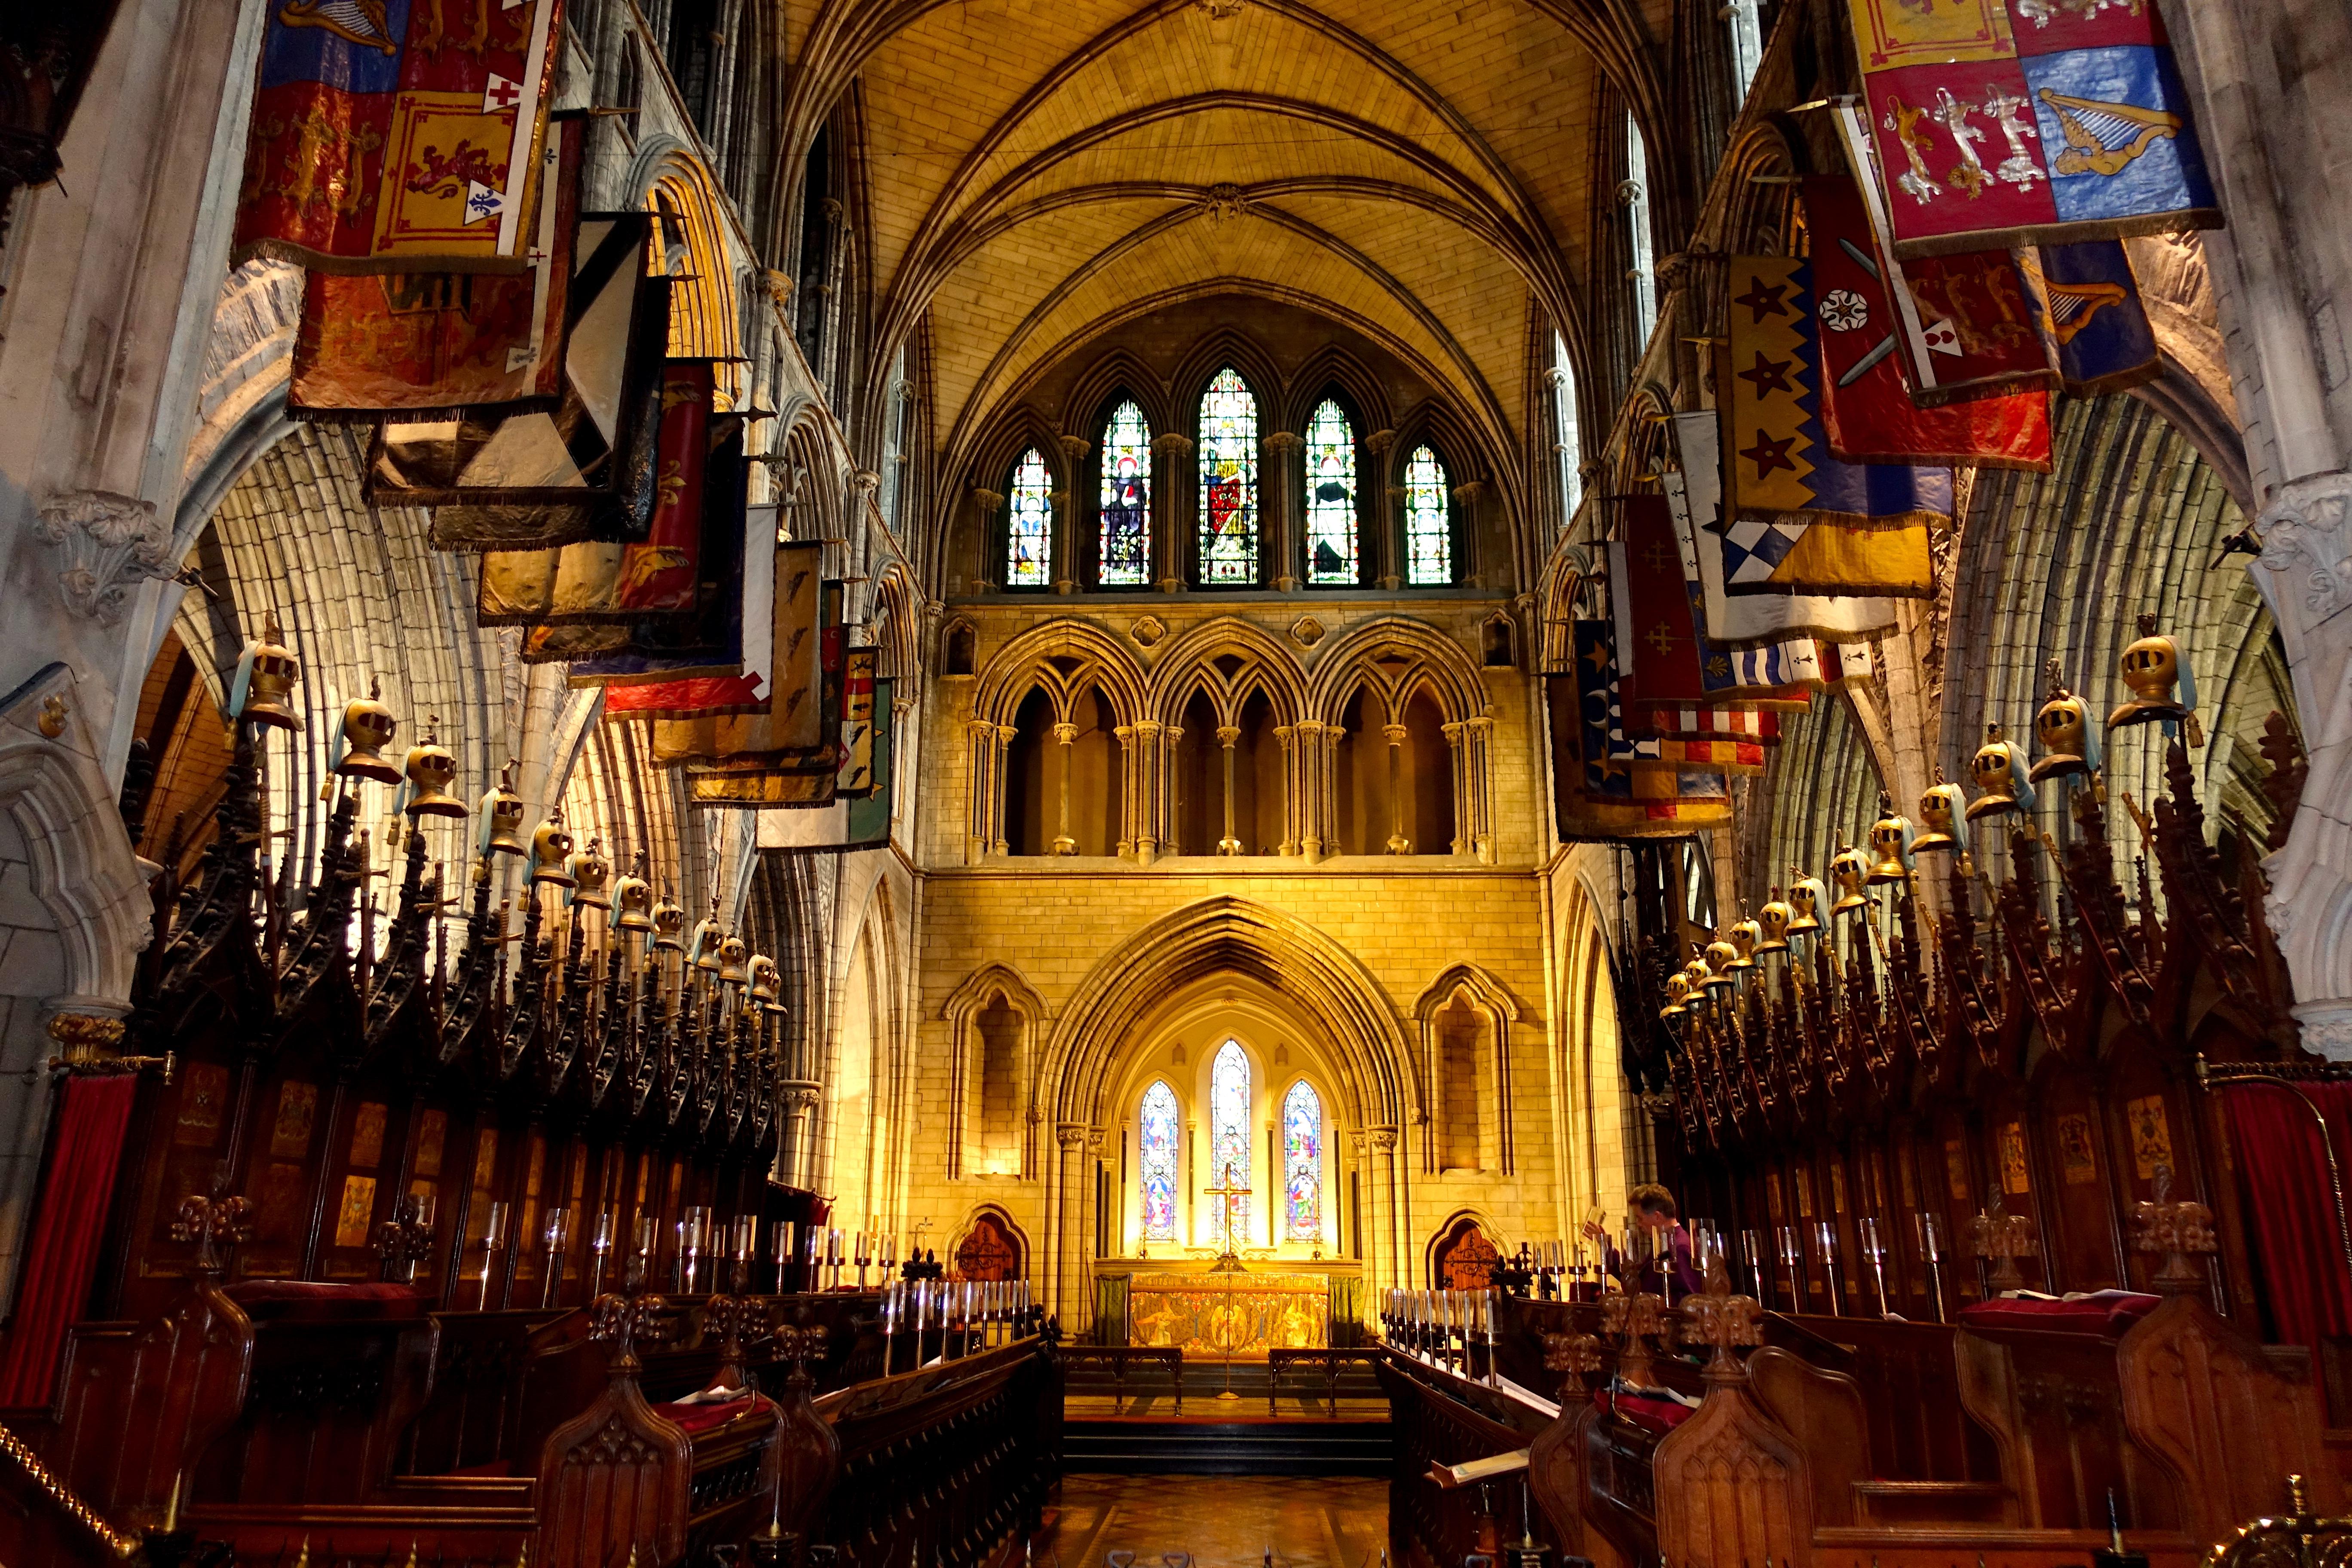 stpatrick-cathedral-dublin-ireland-lustforthesublime